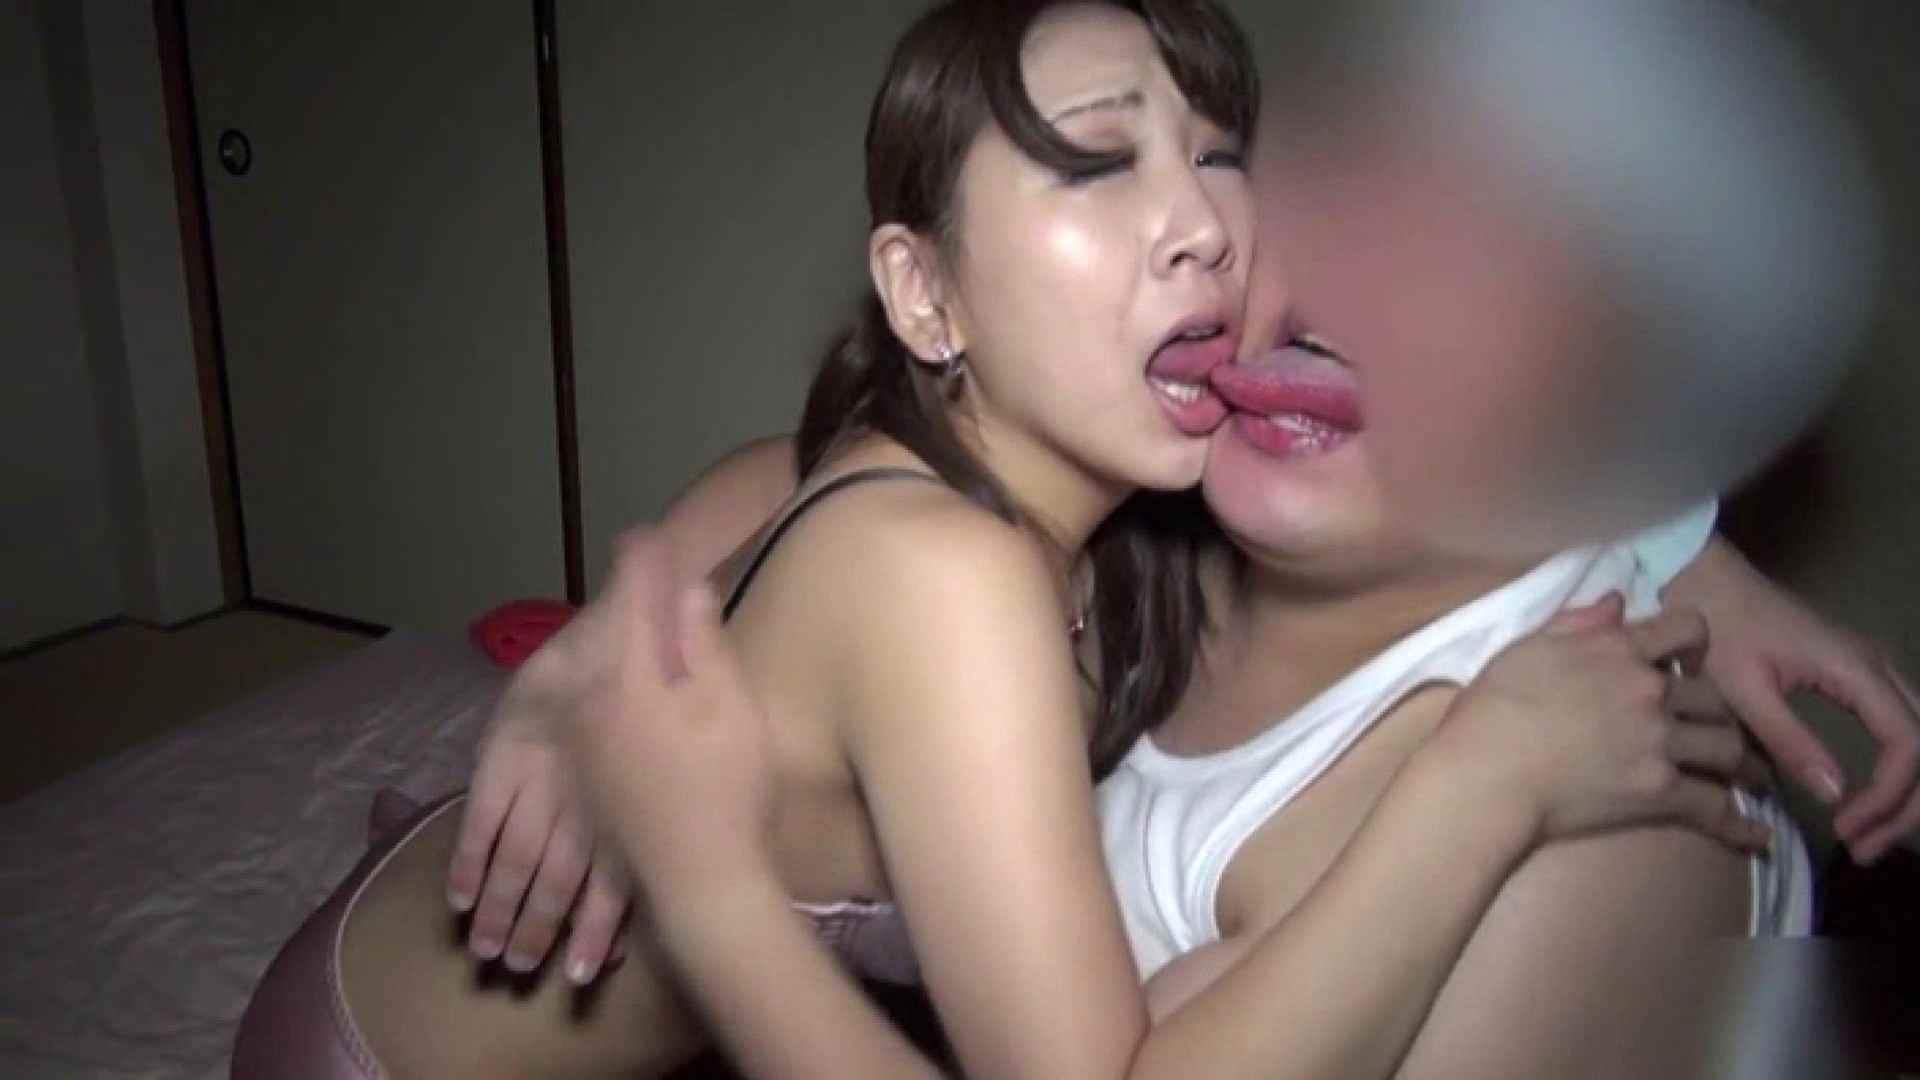 おしえてギャル子のH塾 Vol.04 前編 超エロギャル | ローター  112枚 57